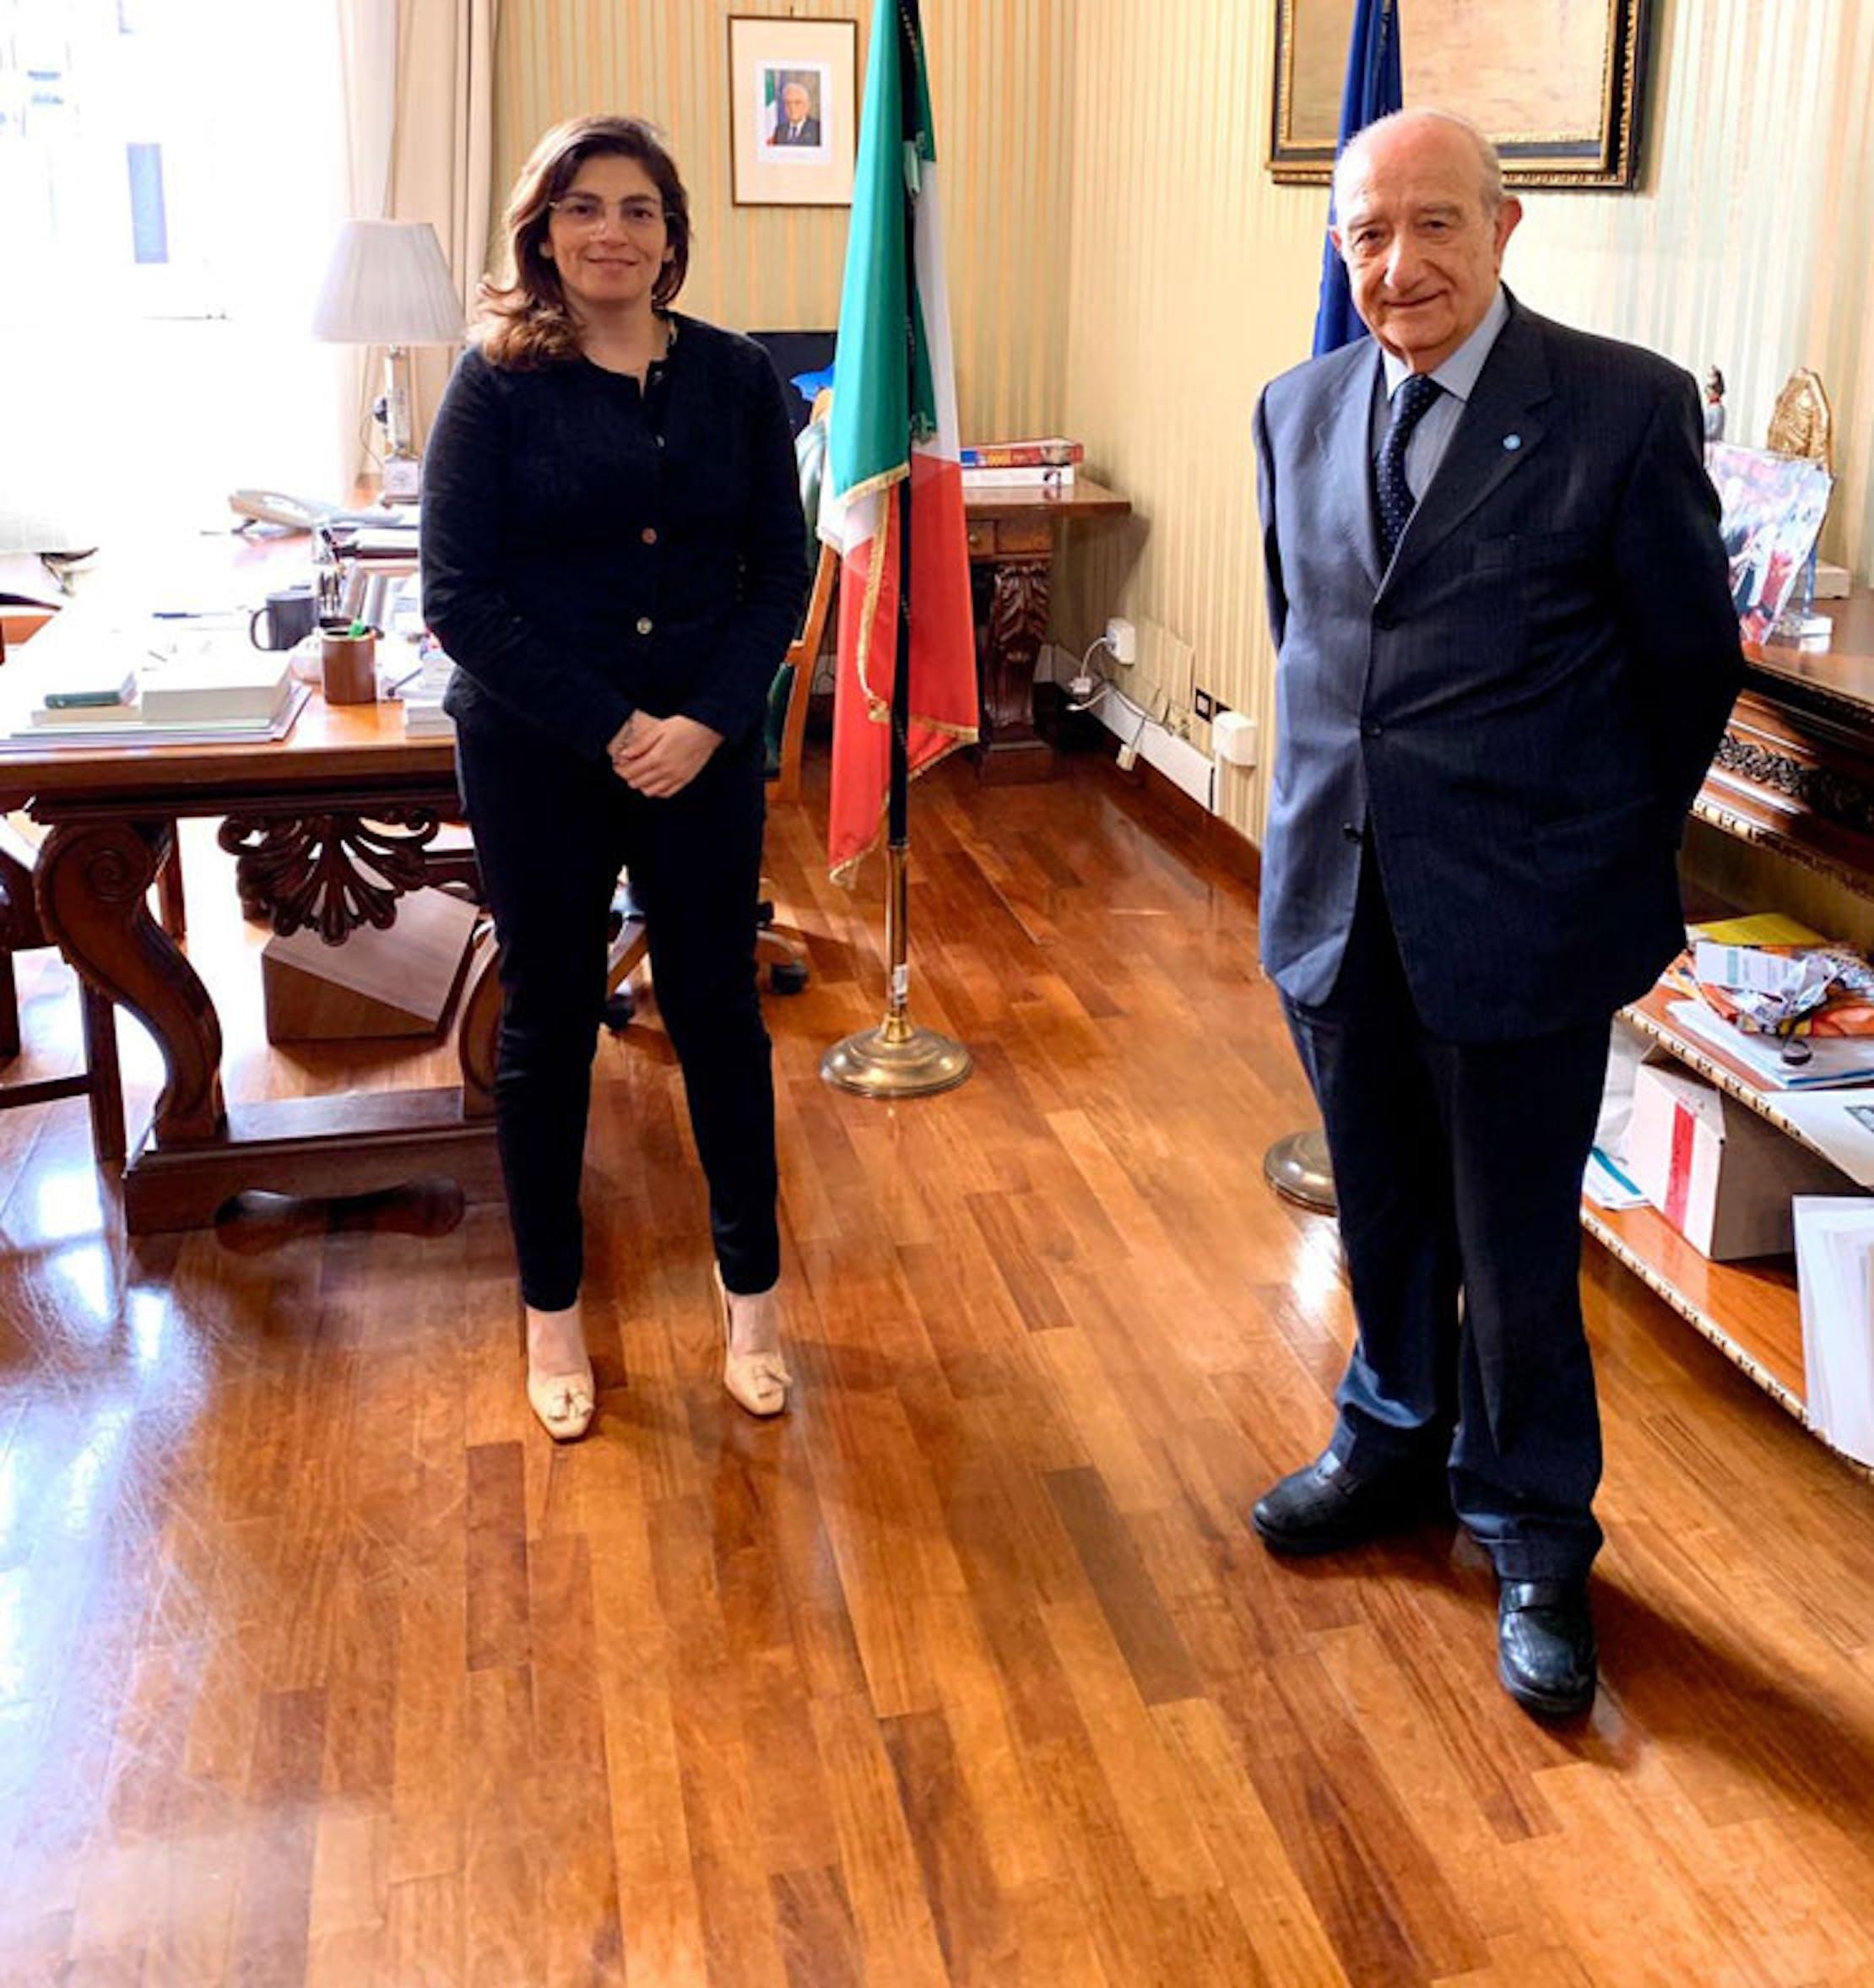 L'incontro tra il viceministro dell'Economia L. Castelli e il presidente dell'UNICEF Italia F. Samengo